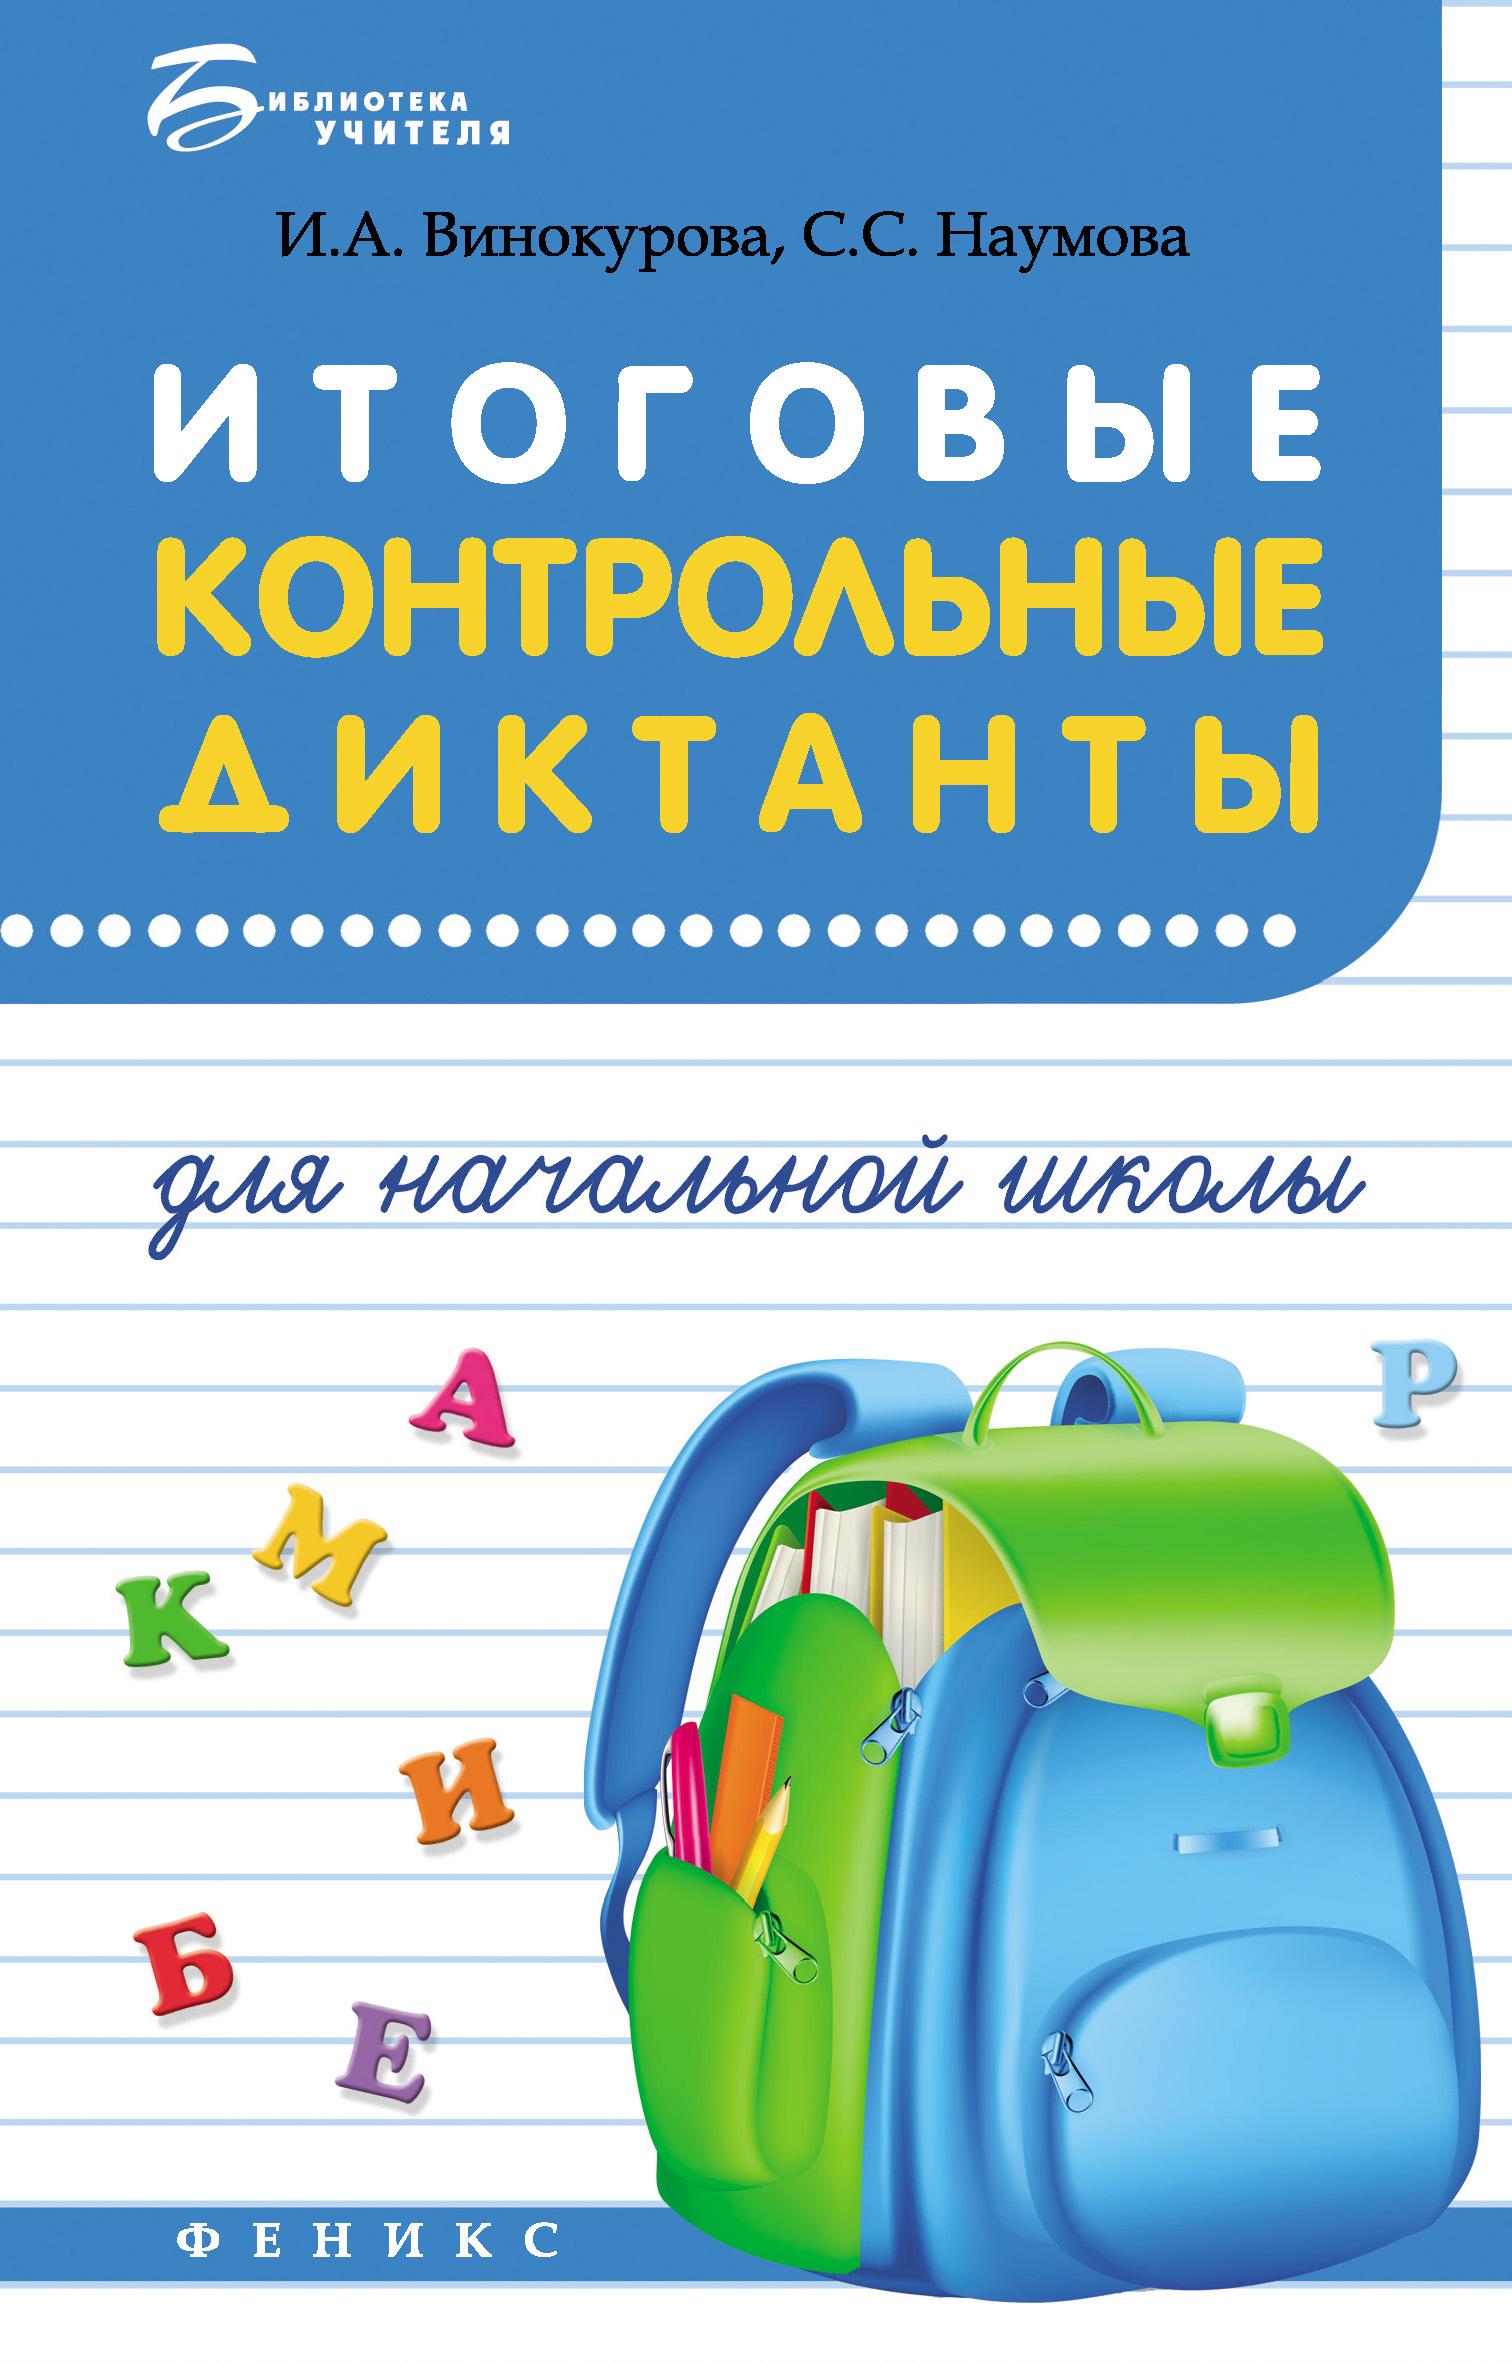 И. А. Винокурова Итоговые контрольные диктанты для начальной школы для школы aliexpress